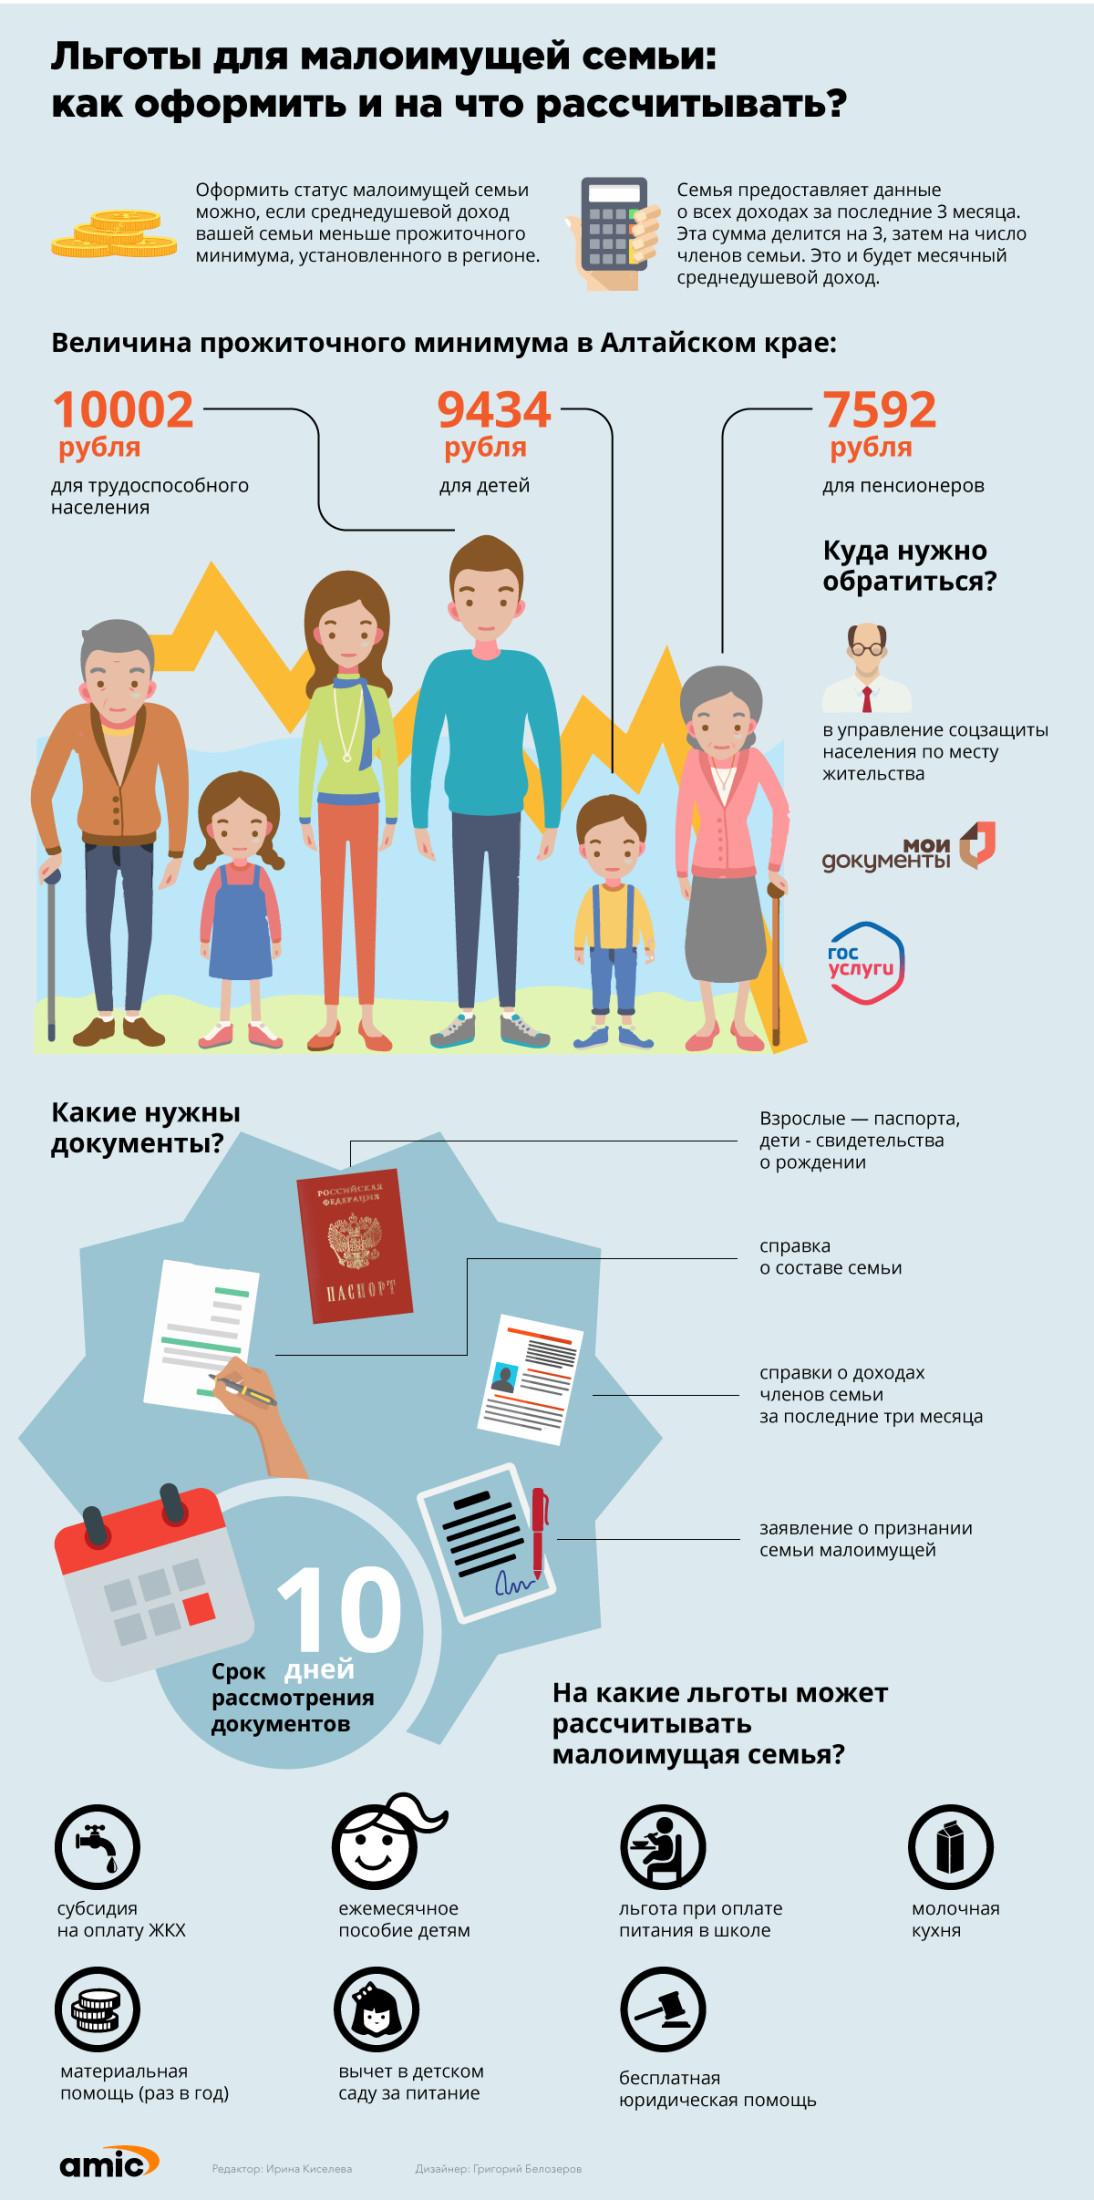 Какие документы надо собрать чтобы получить статус малоимущей семьи